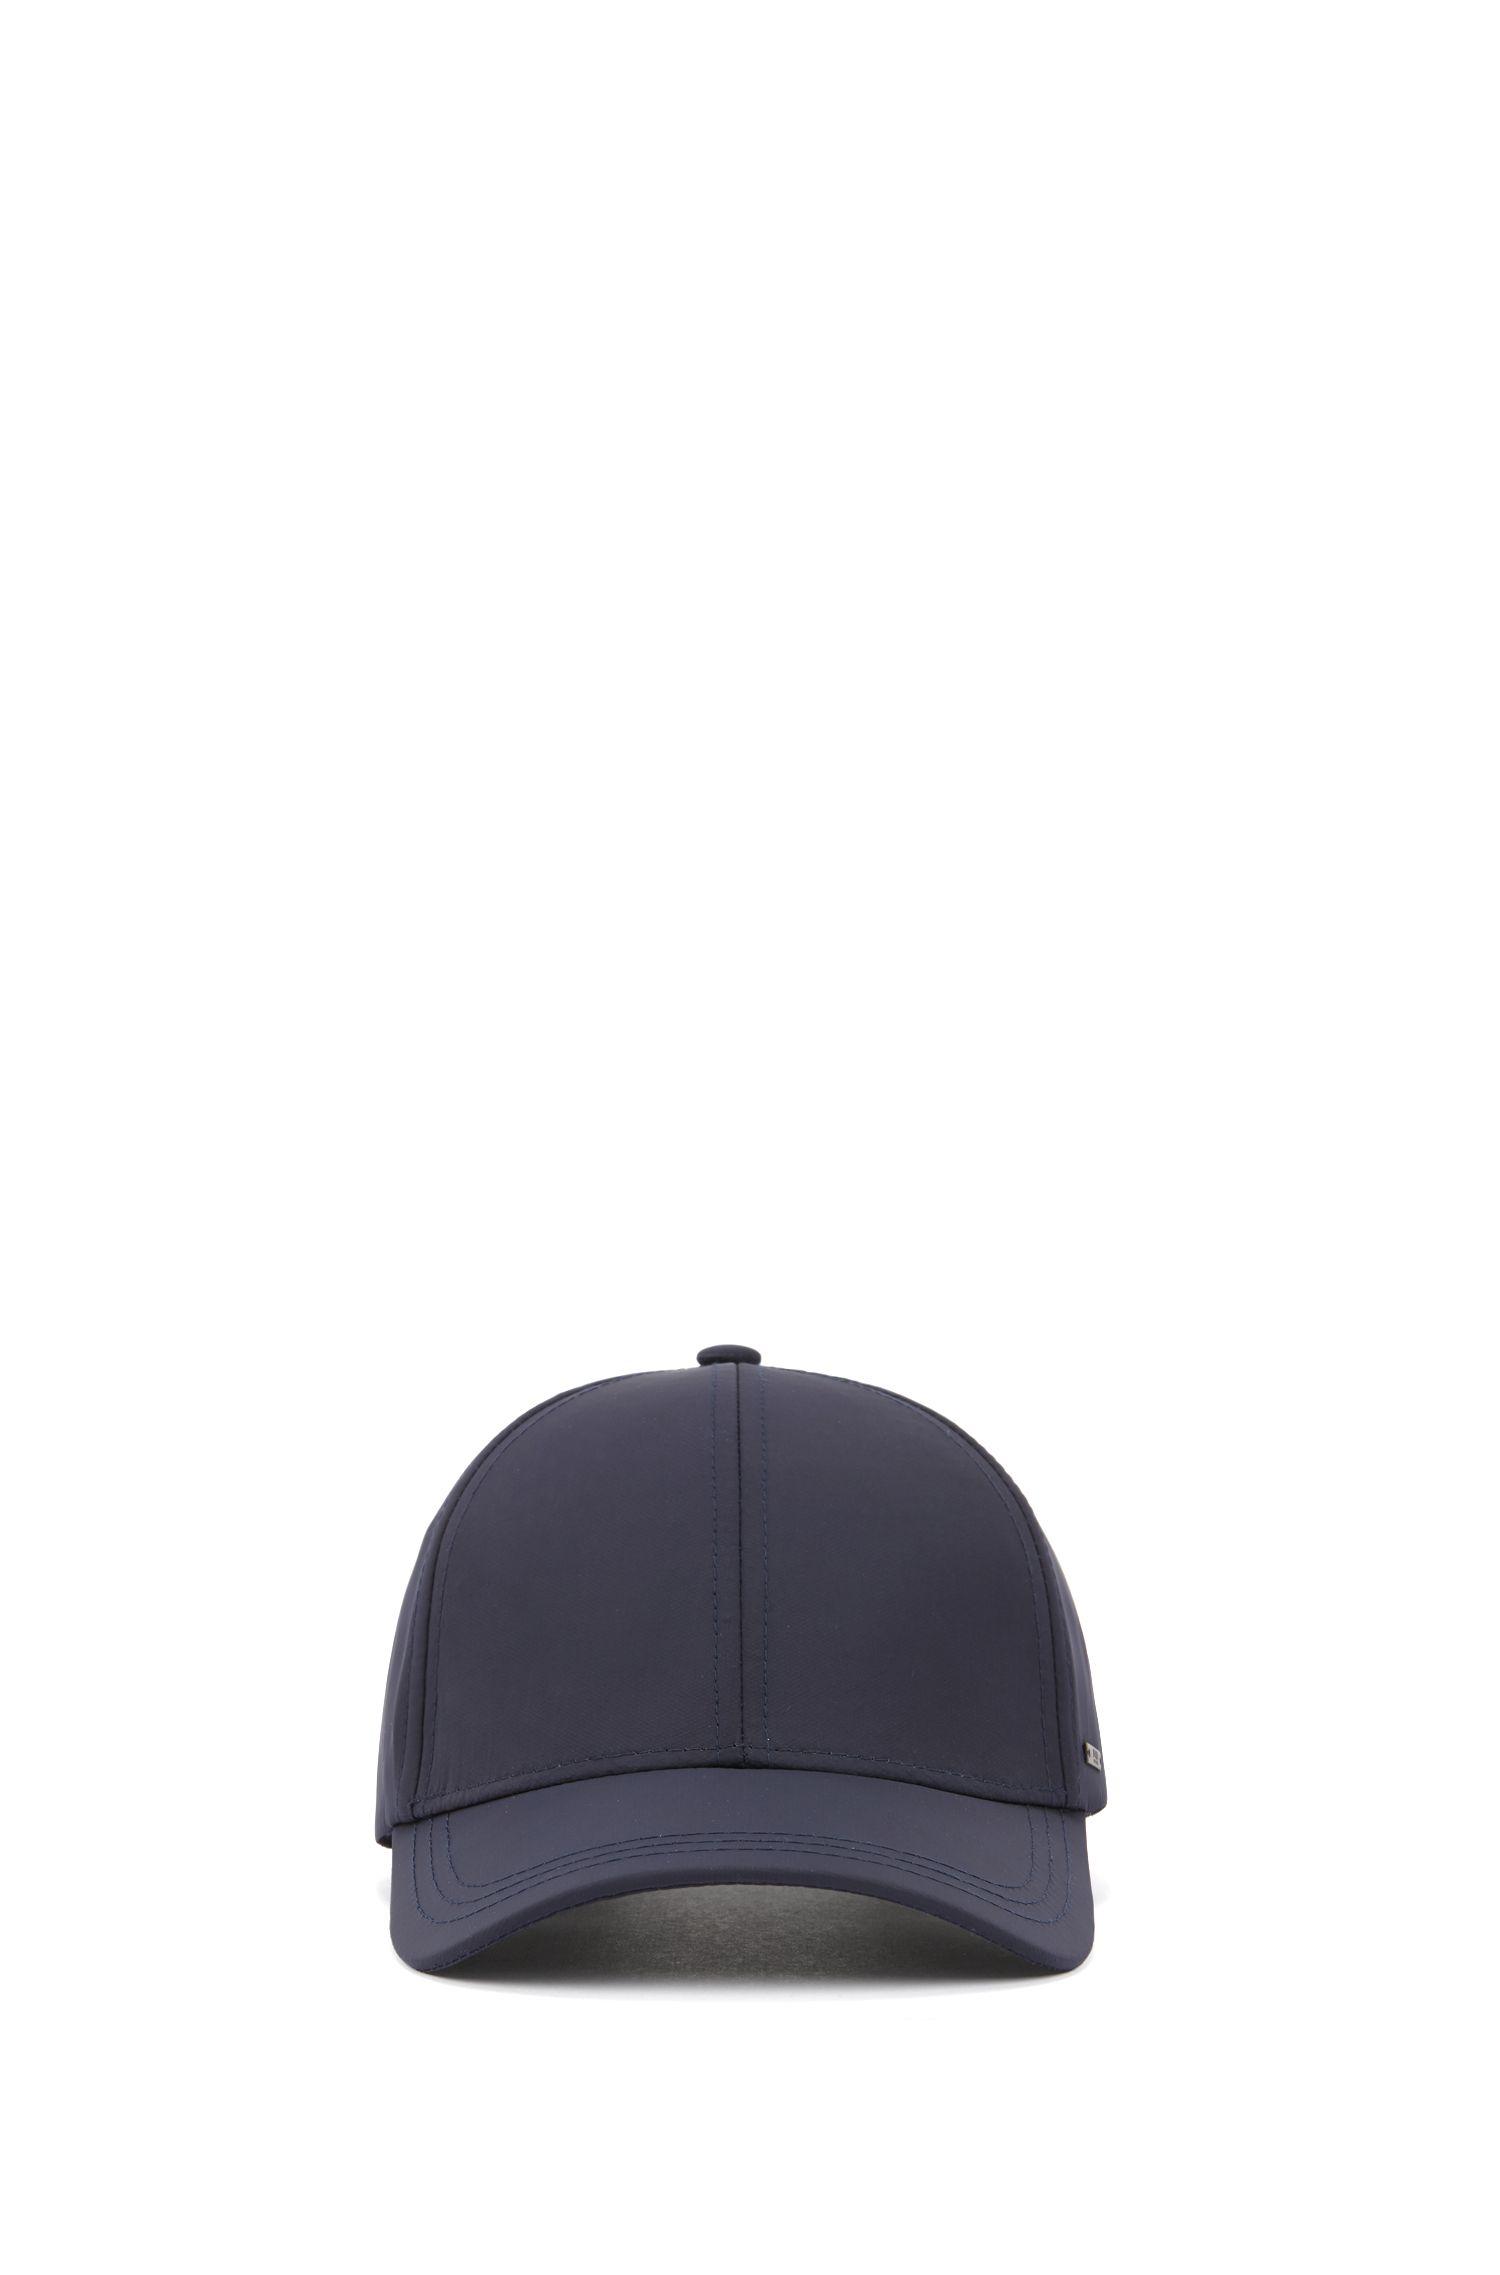 Leichte Cap mit metallener Logo-Applikation, Dunkelblau